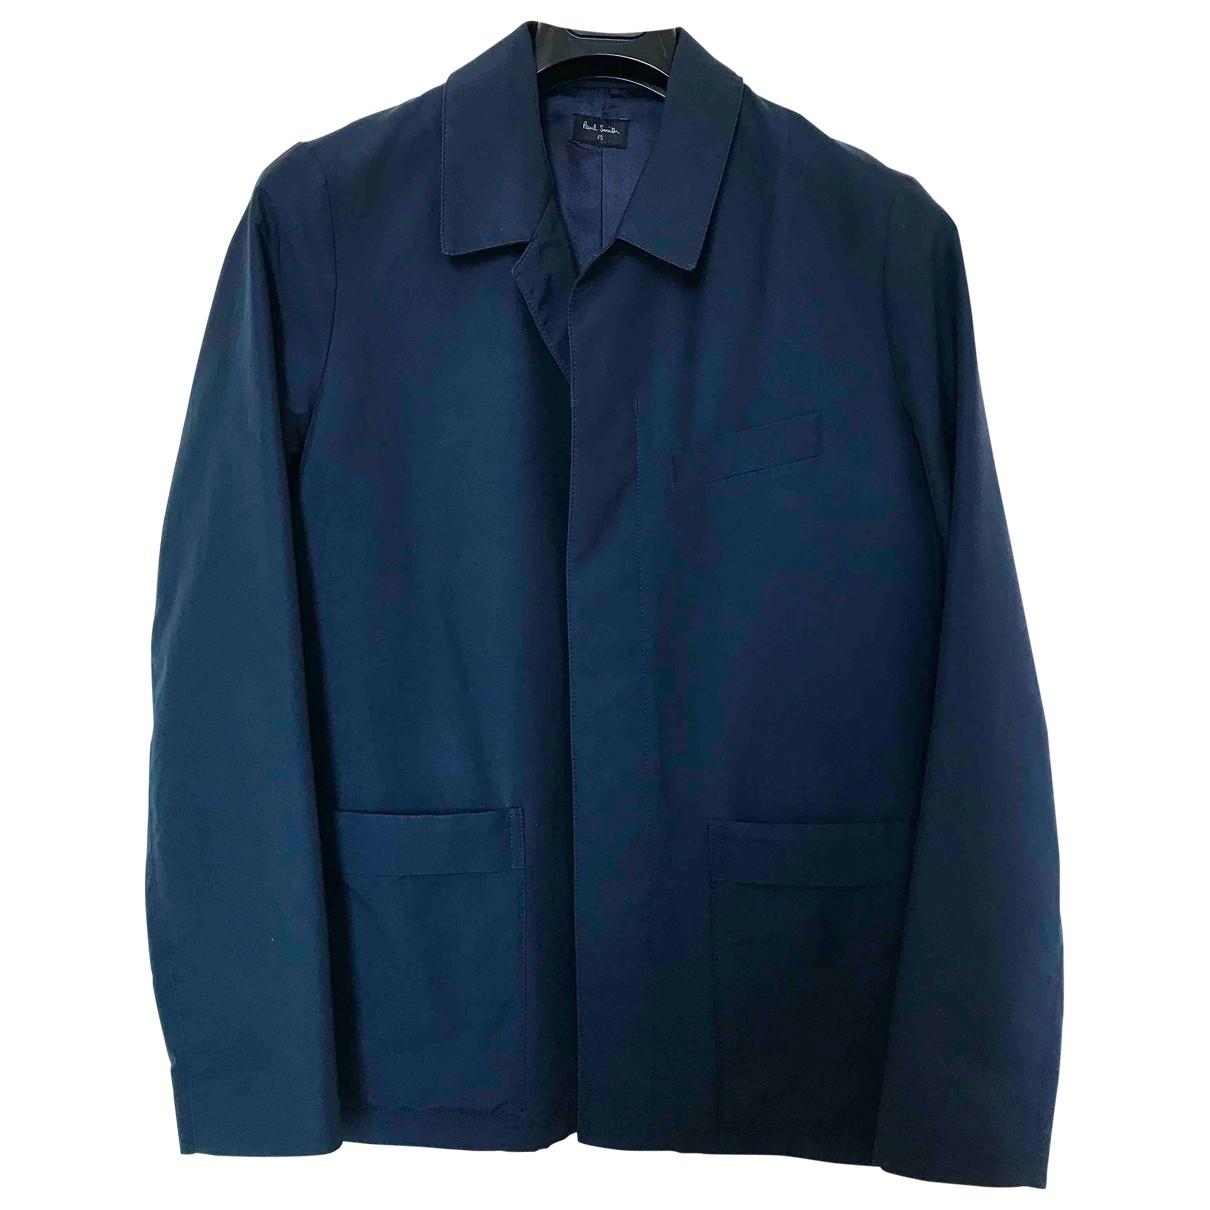 Paul Smith - Vestes.Blousons   pour homme en coton - bleu